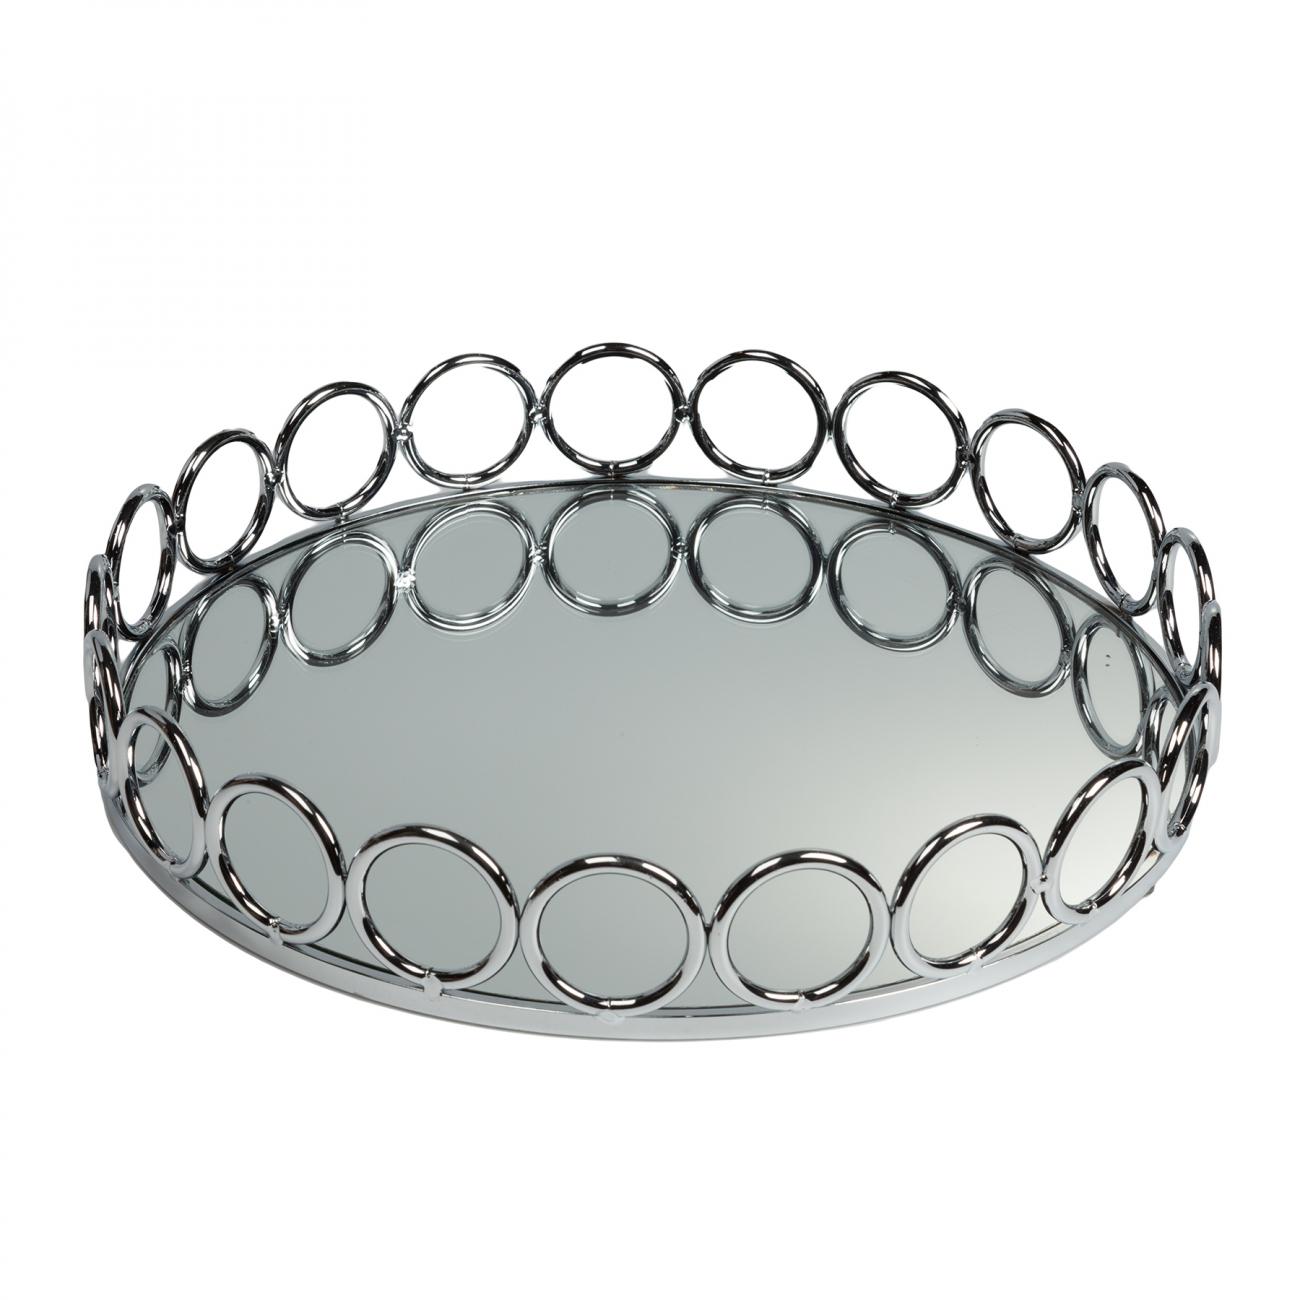 Купить Зеркальный поднос Debra Круглый в интернет магазине дизайнерской мебели и аксессуаров для дома и дачи